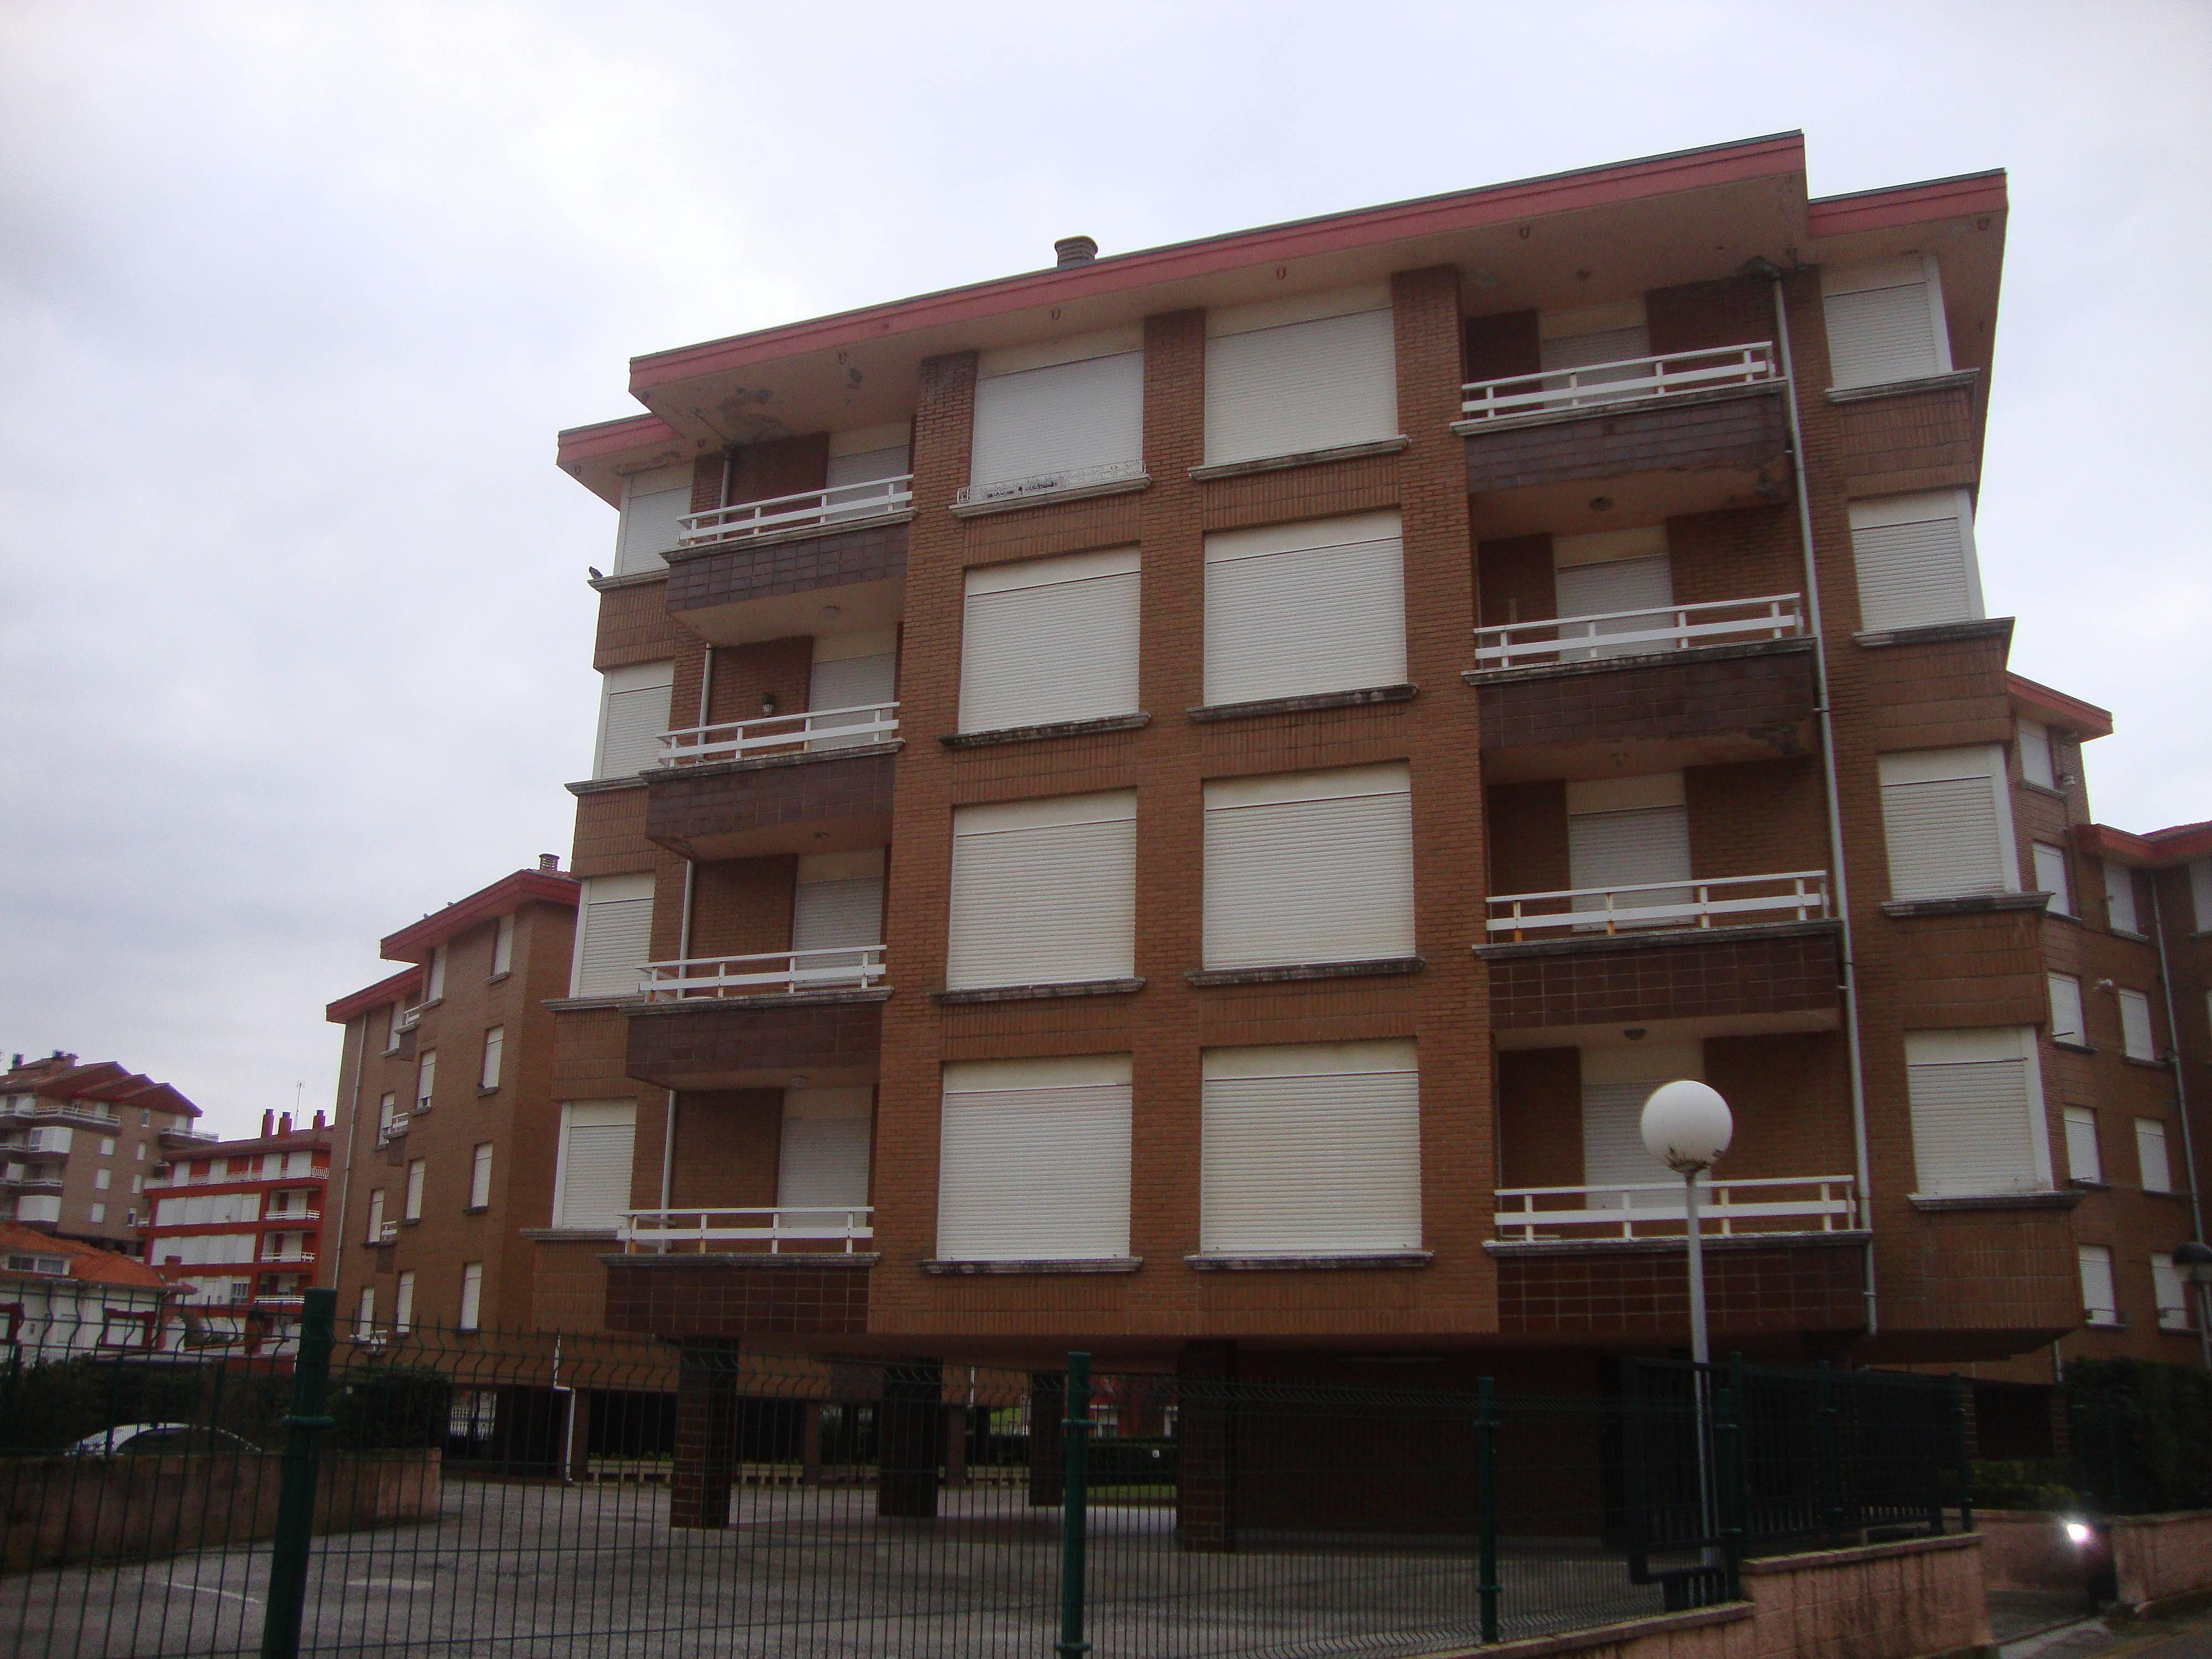 Apartamento en la playa con amplia capacidad suances cantabria costa de cantabria - Apartamentos en cantabria playa ...